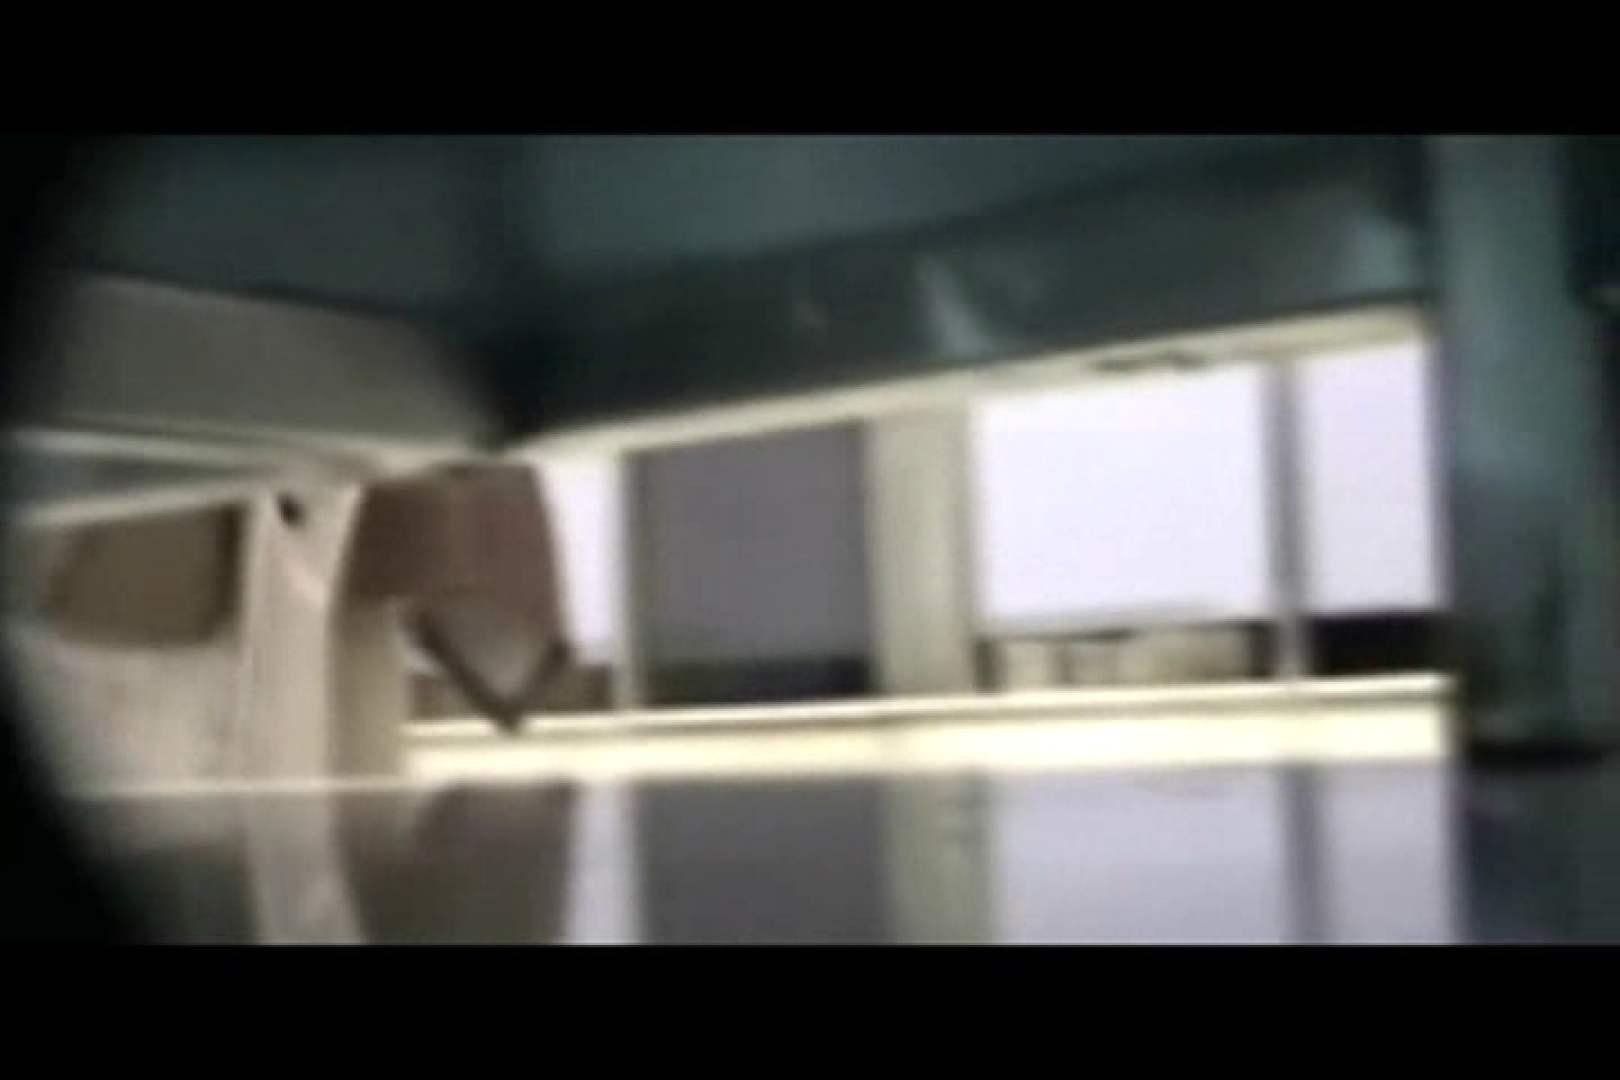 ぼっとん洗面所スペシャルVol.19 洗面所 | おまんこモロ出し  109pic 65